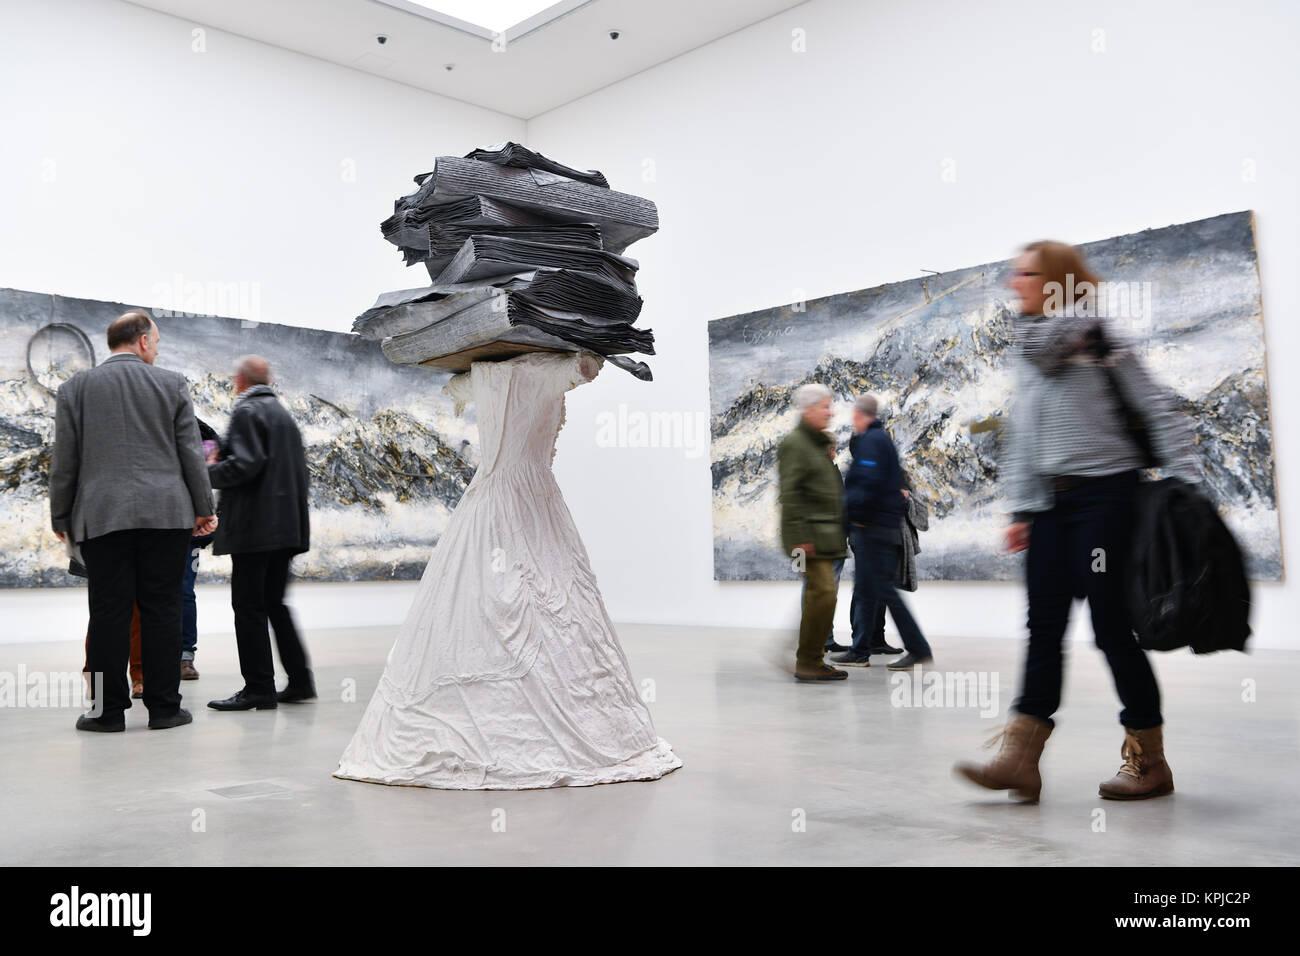 """Mannheim, Germania. 15 Dic, 2017. I visitatori a piedi dall'artista Anselm Kiefer pezzo intitolato """"Donne di Antichità' Foto Stock"""